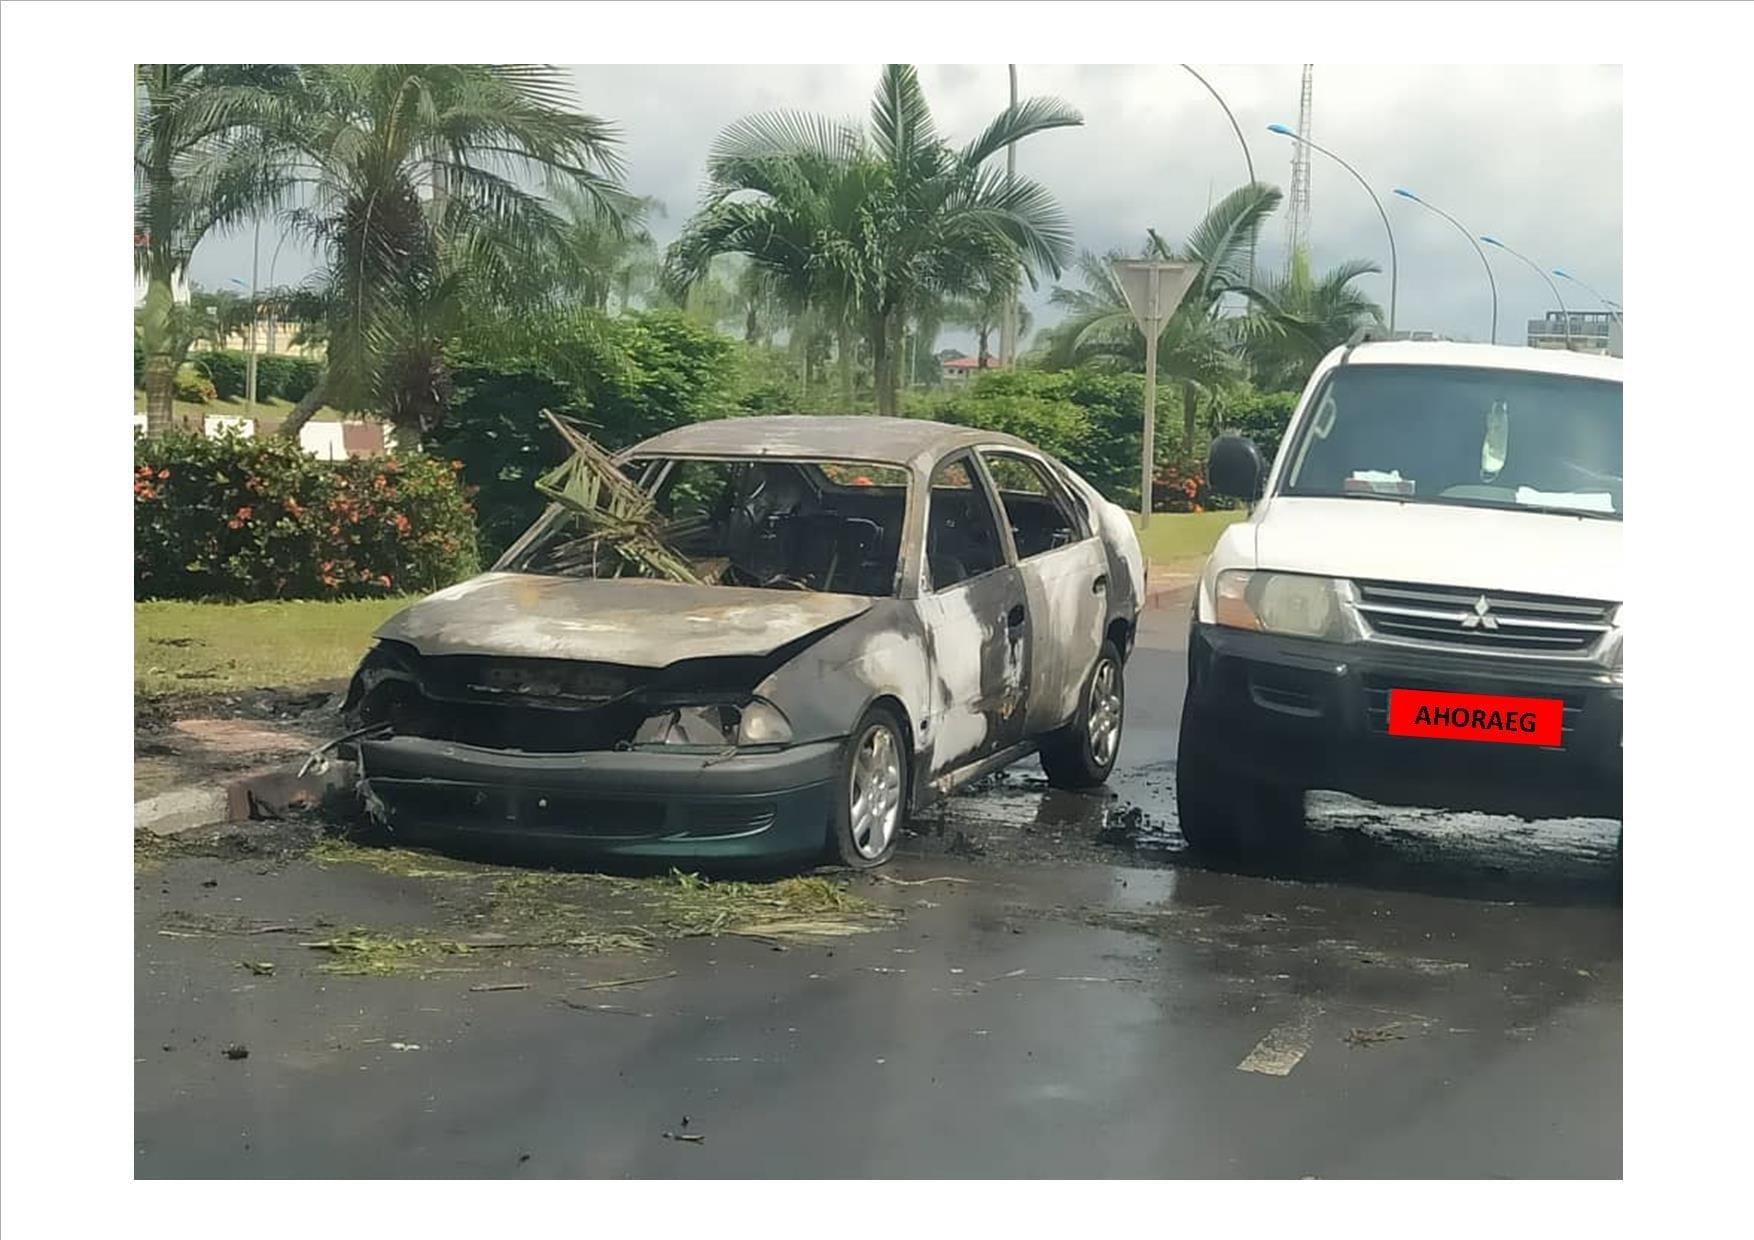 ULTIMA HORA: Un vehículo arde en llamas en plena vía pública